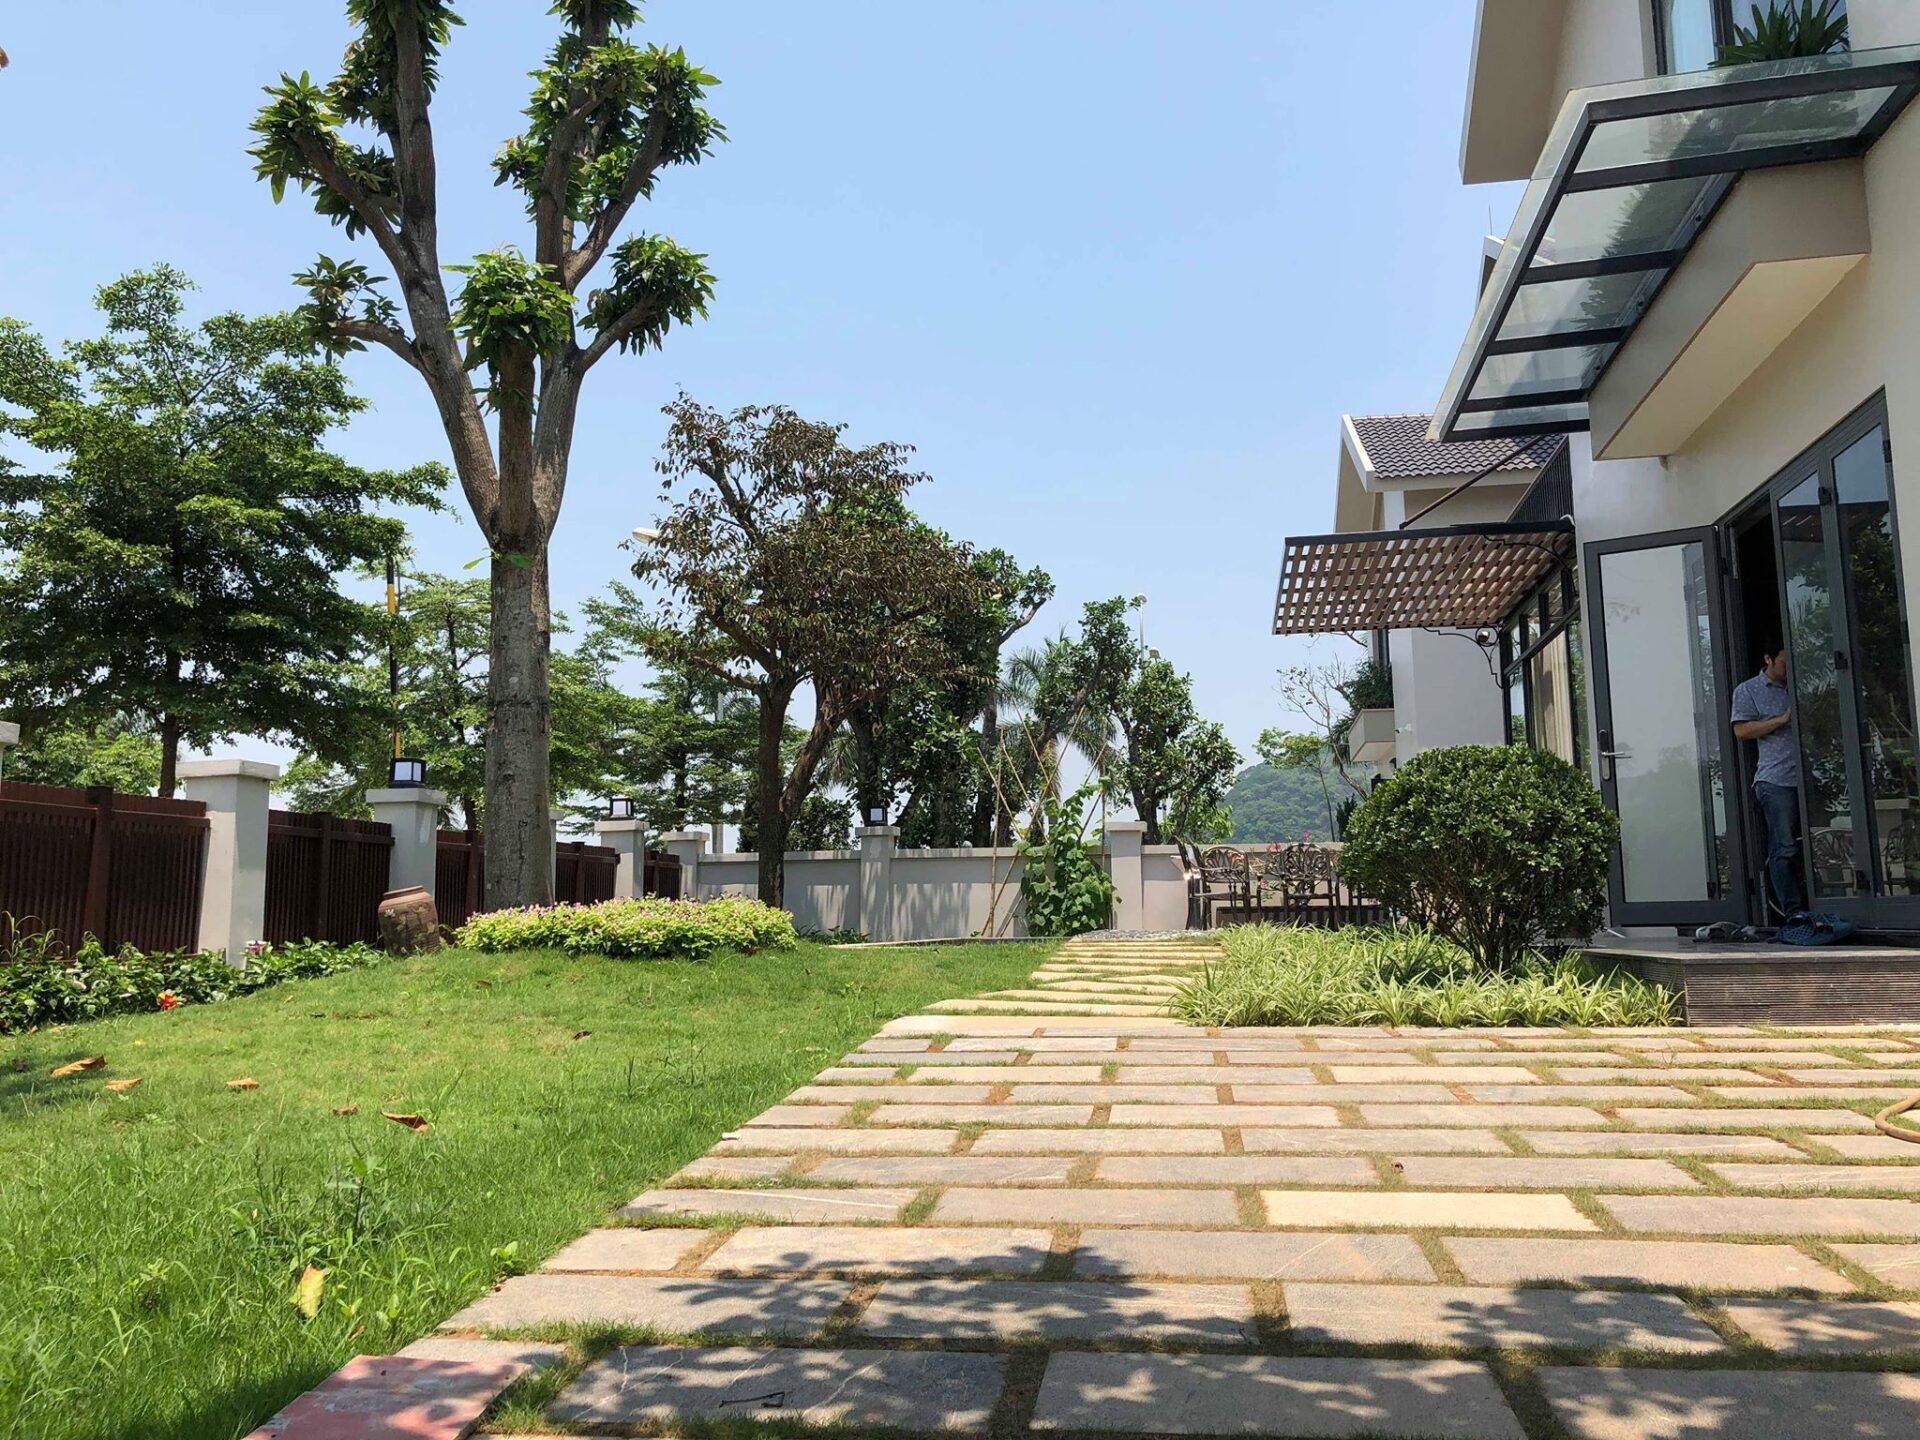 Biệt thự thông minh Anh Ngọc - Sunny Garden - Hà Nội - 57454656 634644316961976 4353440569905643520 n